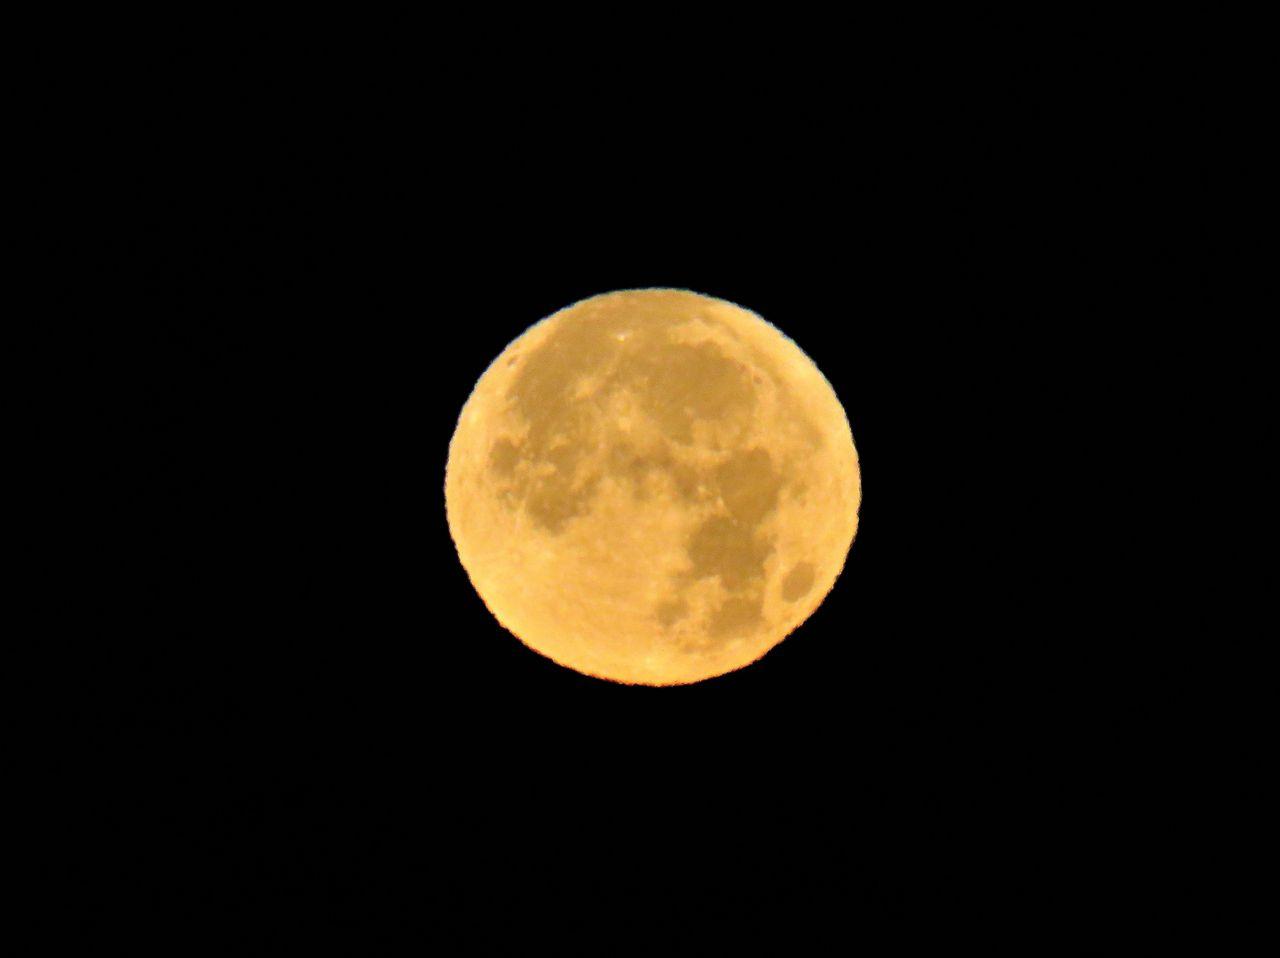 太陽と地球と月の三重奏 : 土佐...